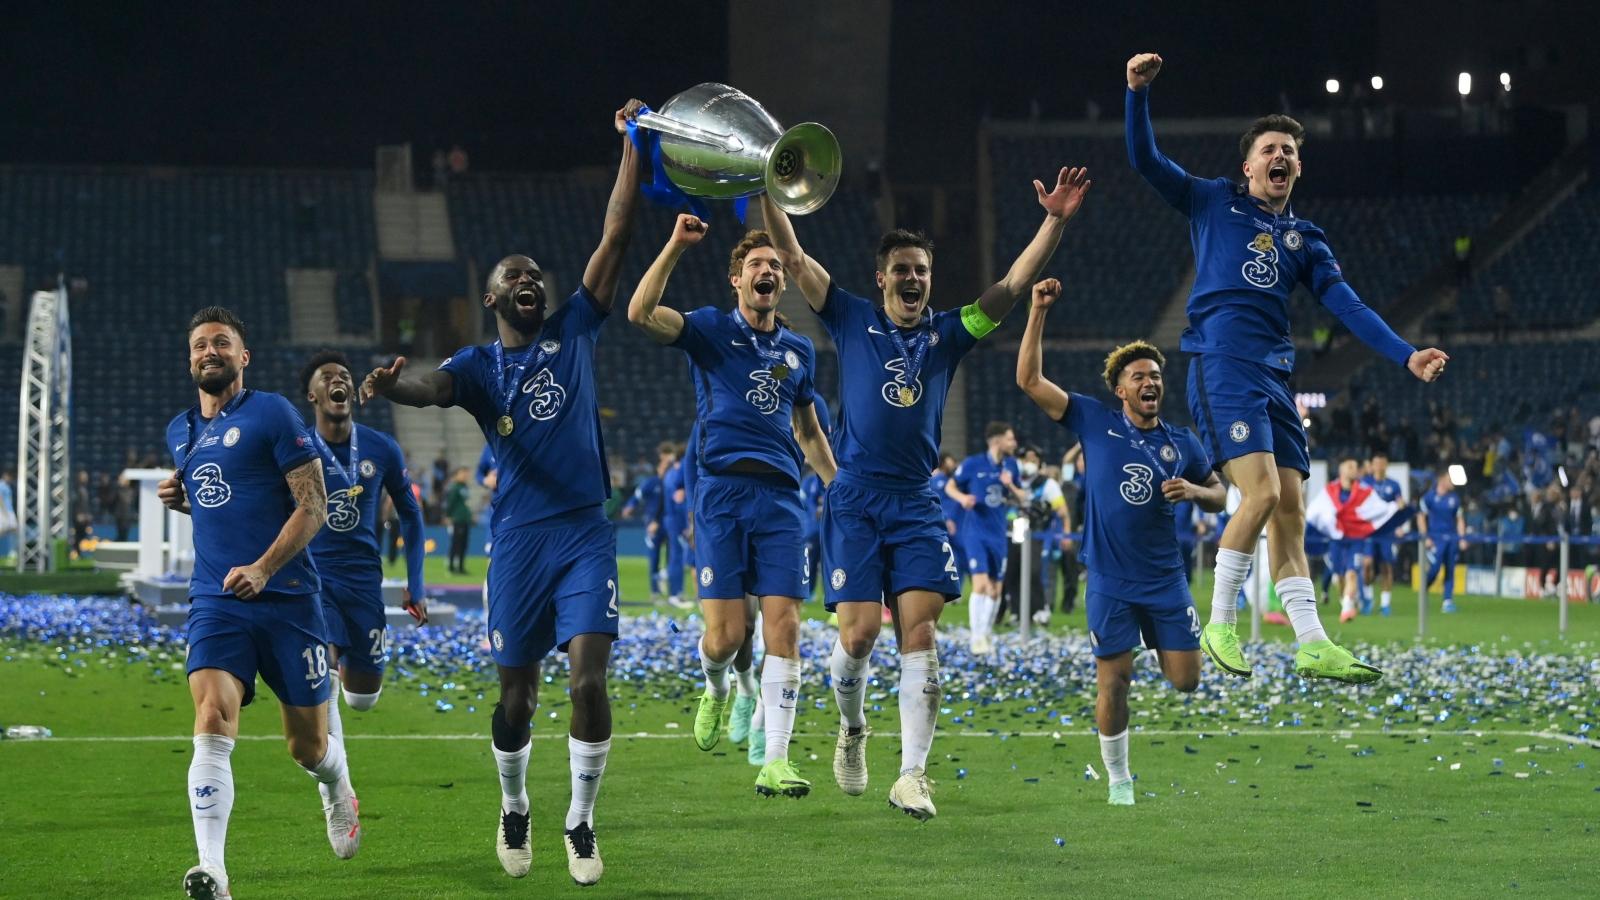 Dàn sao Chelsea nói gì khi đánh bại Man City, lên ngôi vô địch Champions League?